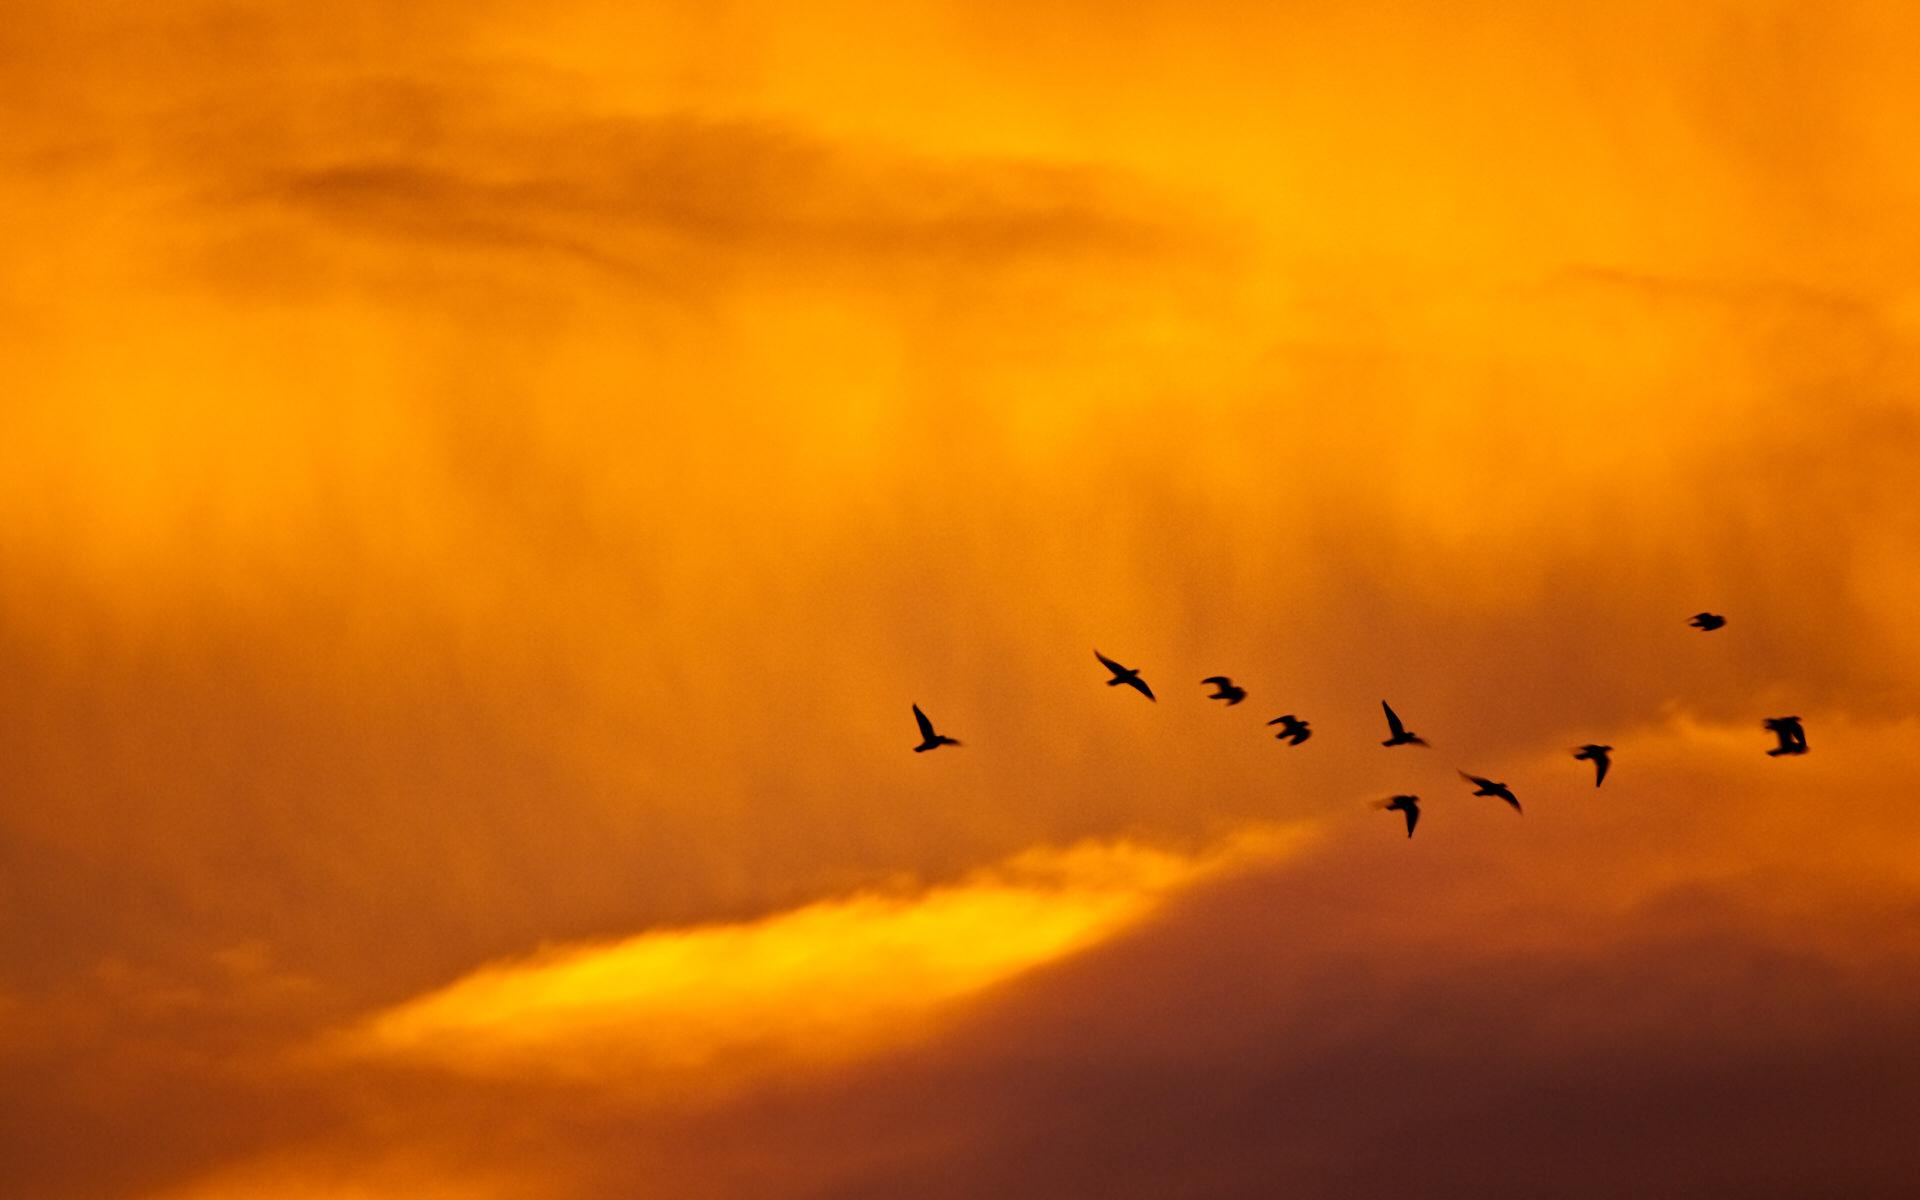 日落和鸟高清壁纸